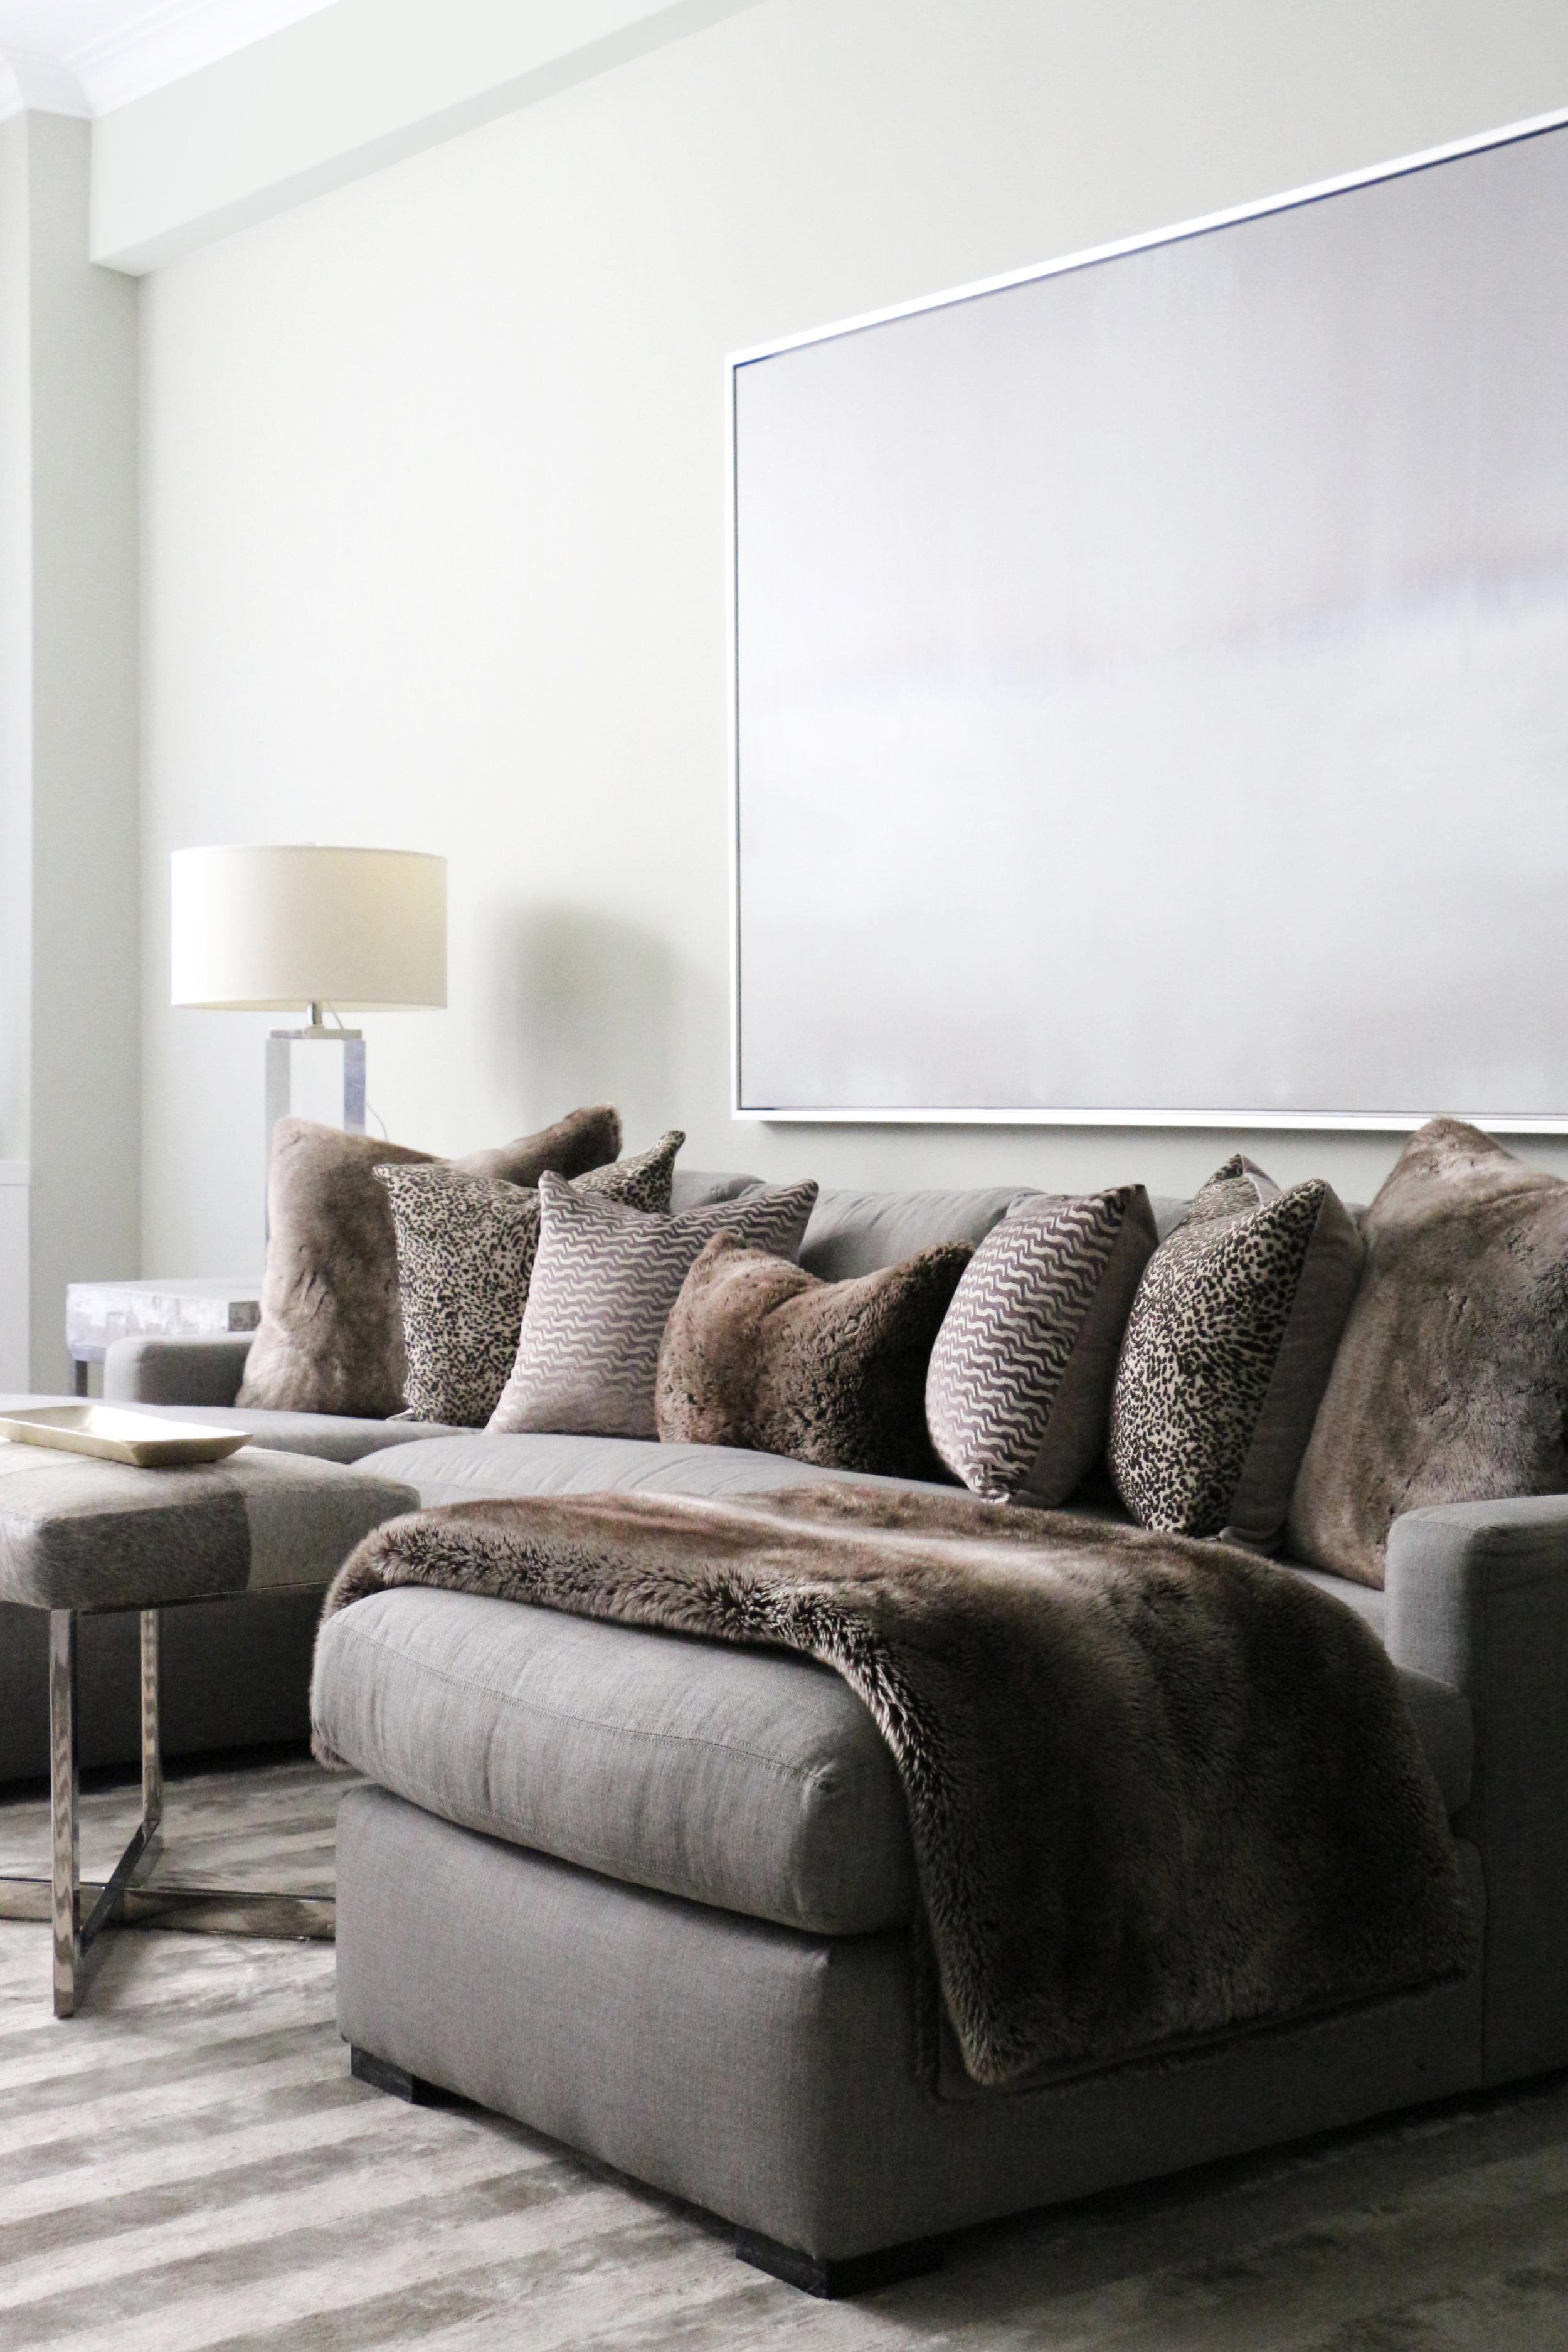 Living Room 3 Los Angeles Interior Designer.jpg